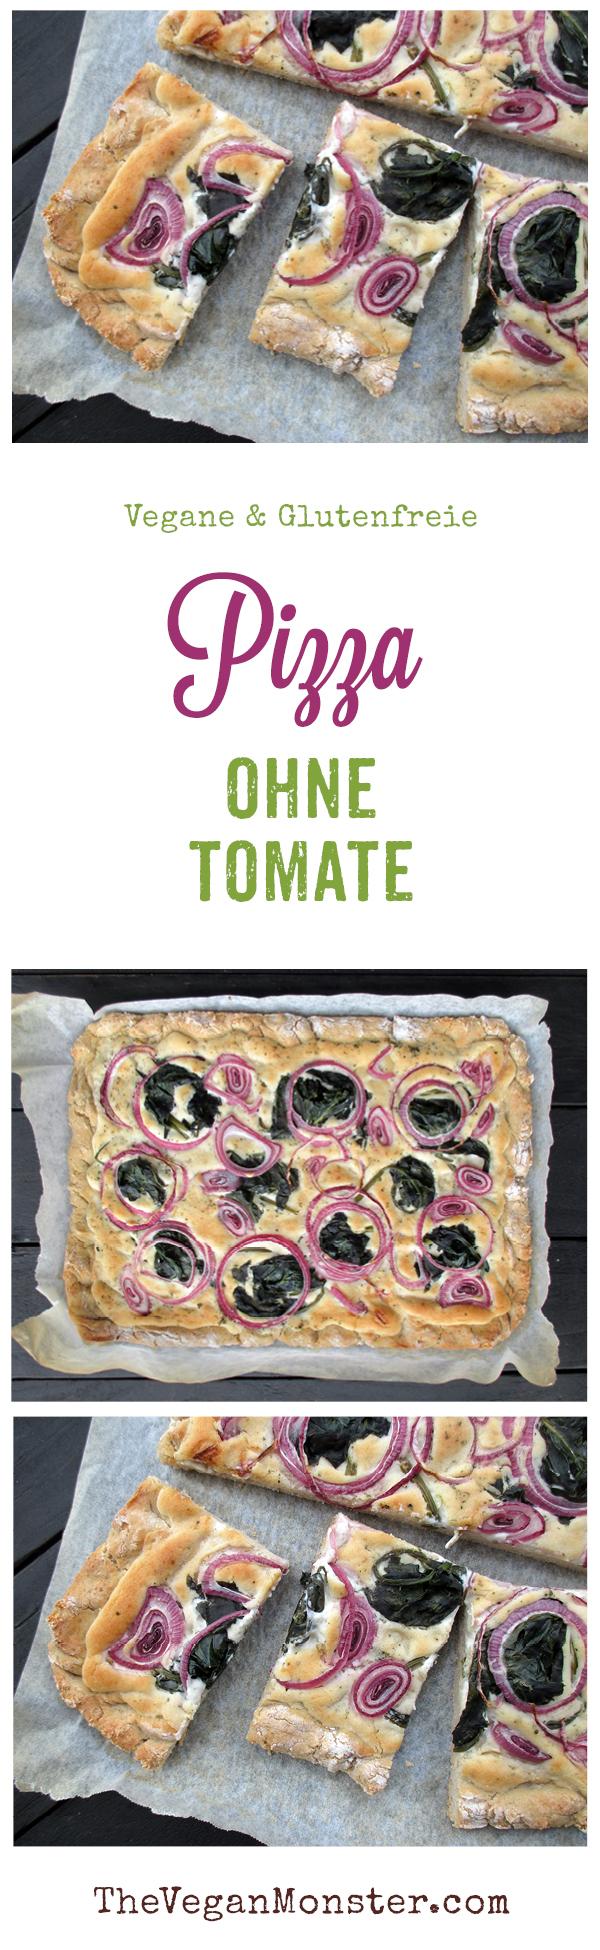 Vegane Glutenfreie Pizza Flammkuchen Ohne Tomate Rezept